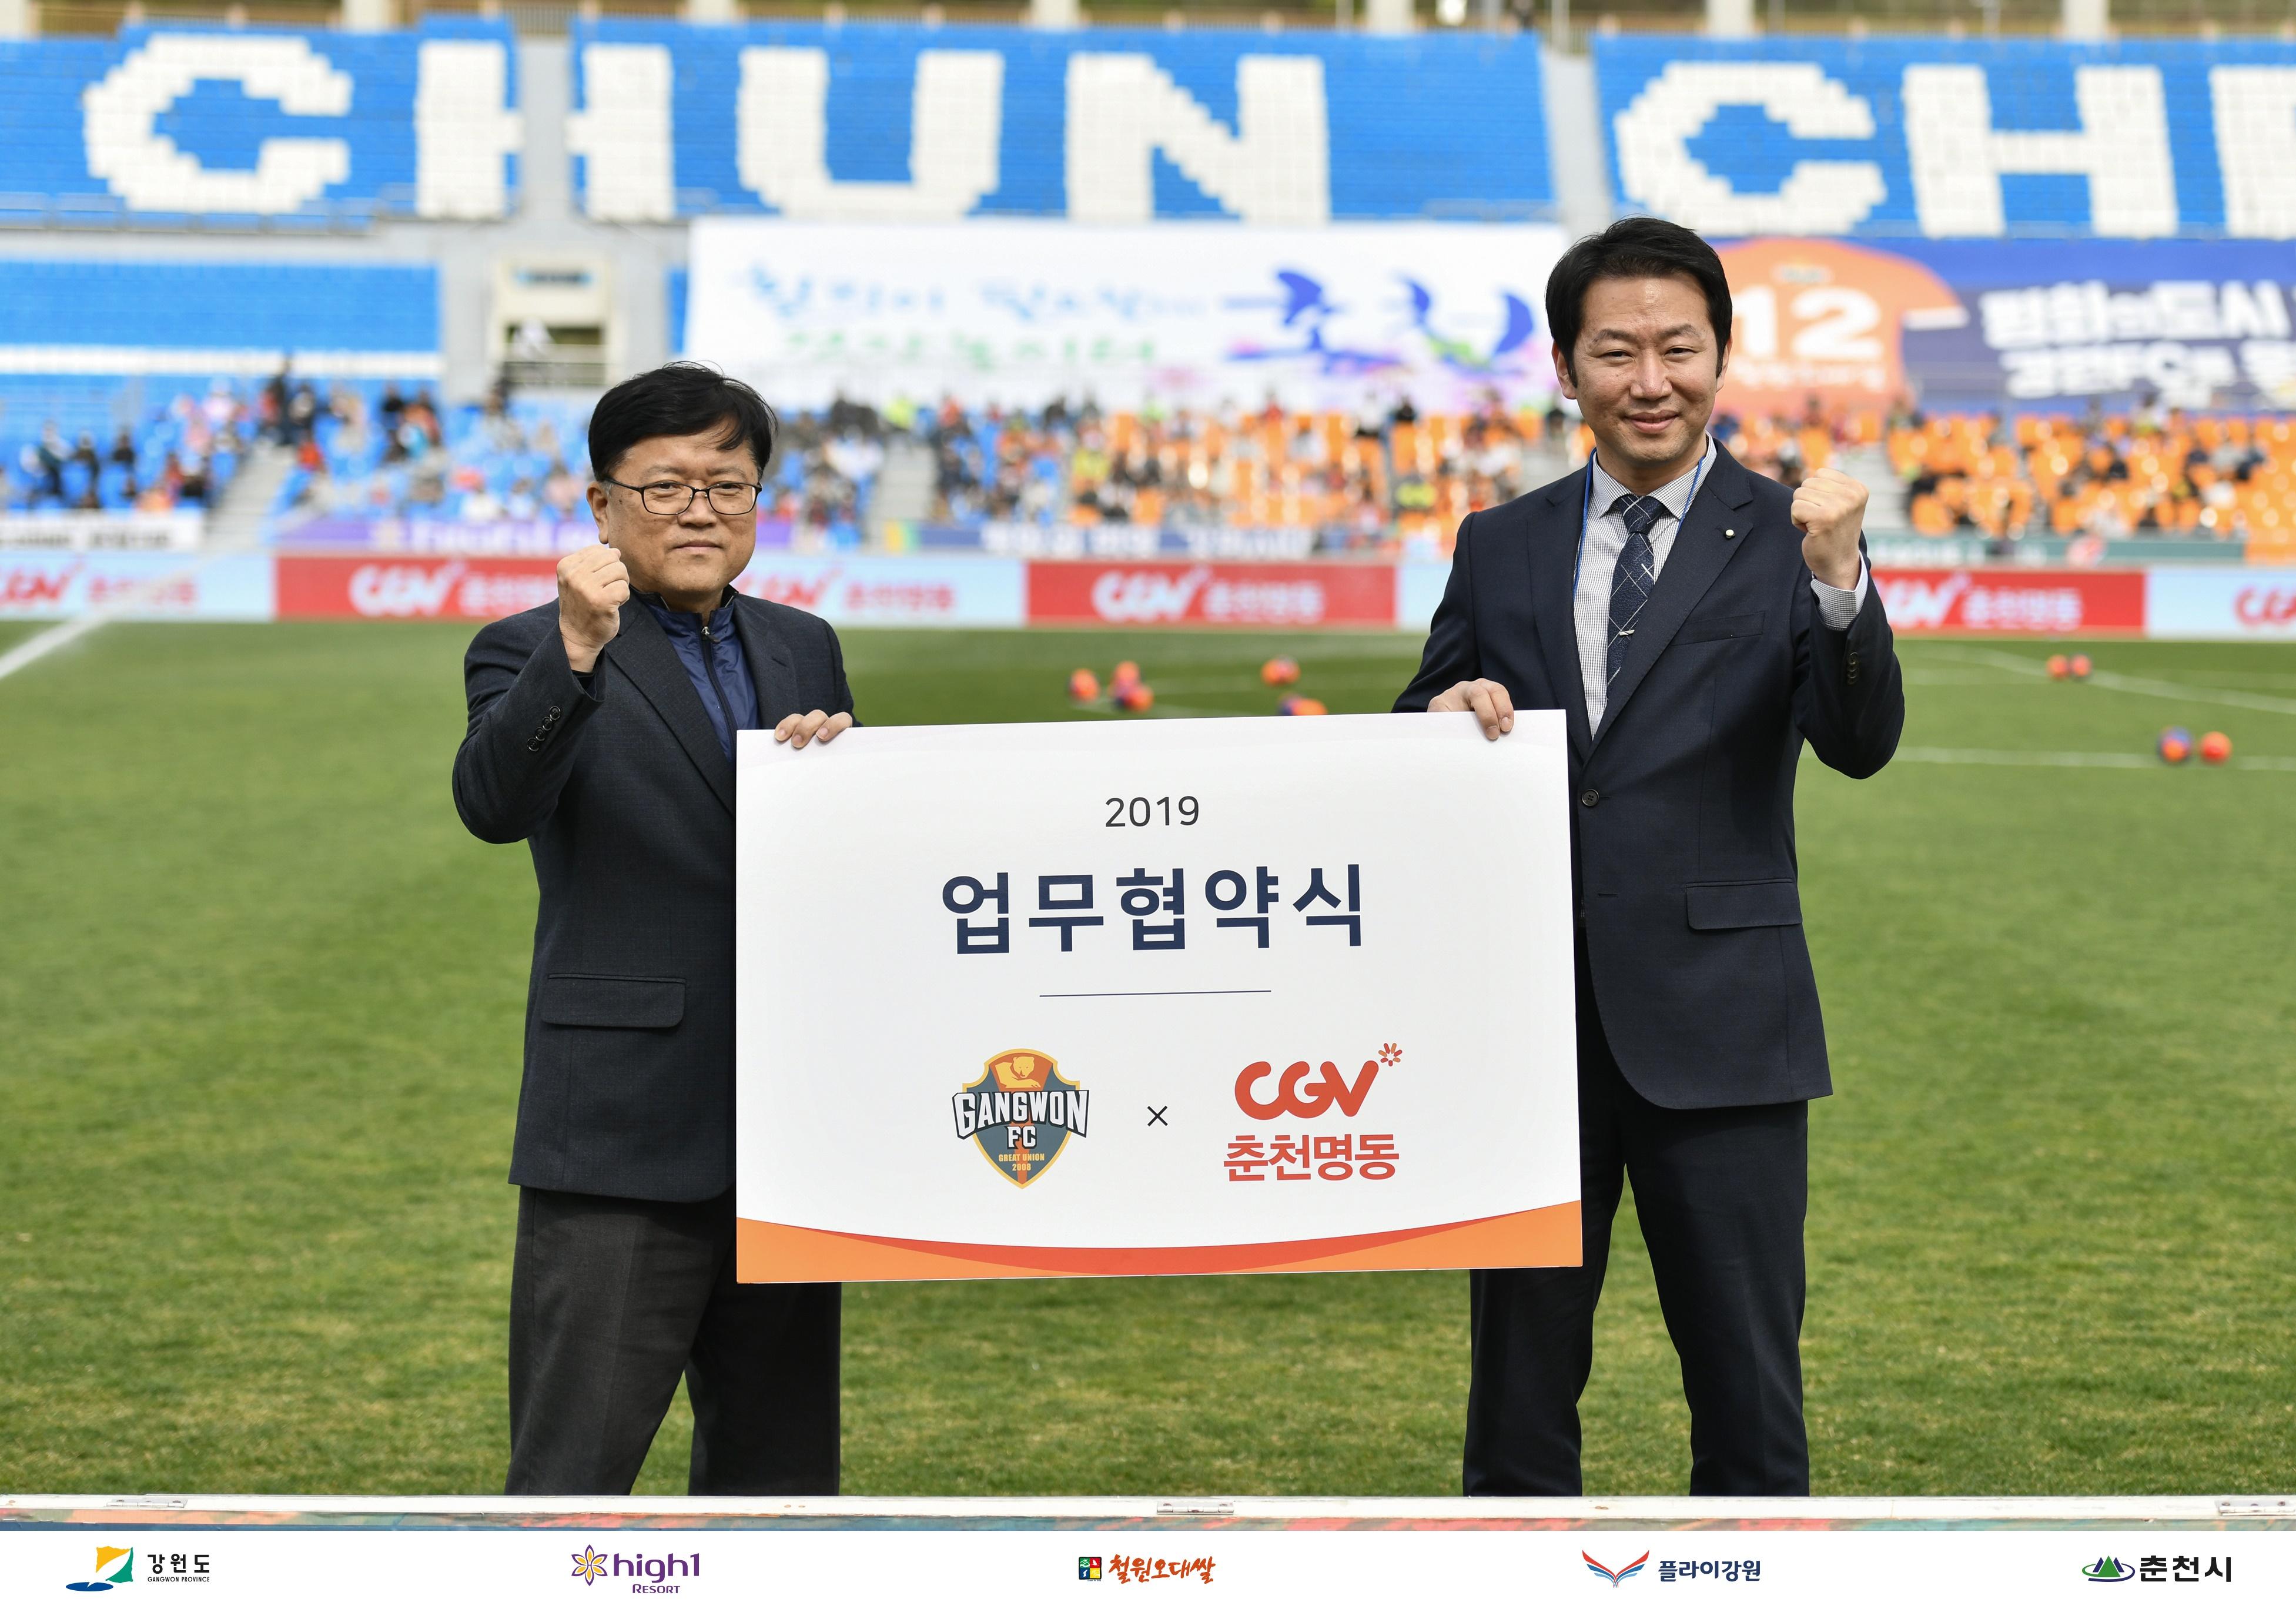 영화와 축구의 만남, 강원FC-CGV 춘천명동점 상호 홍보 업무협약